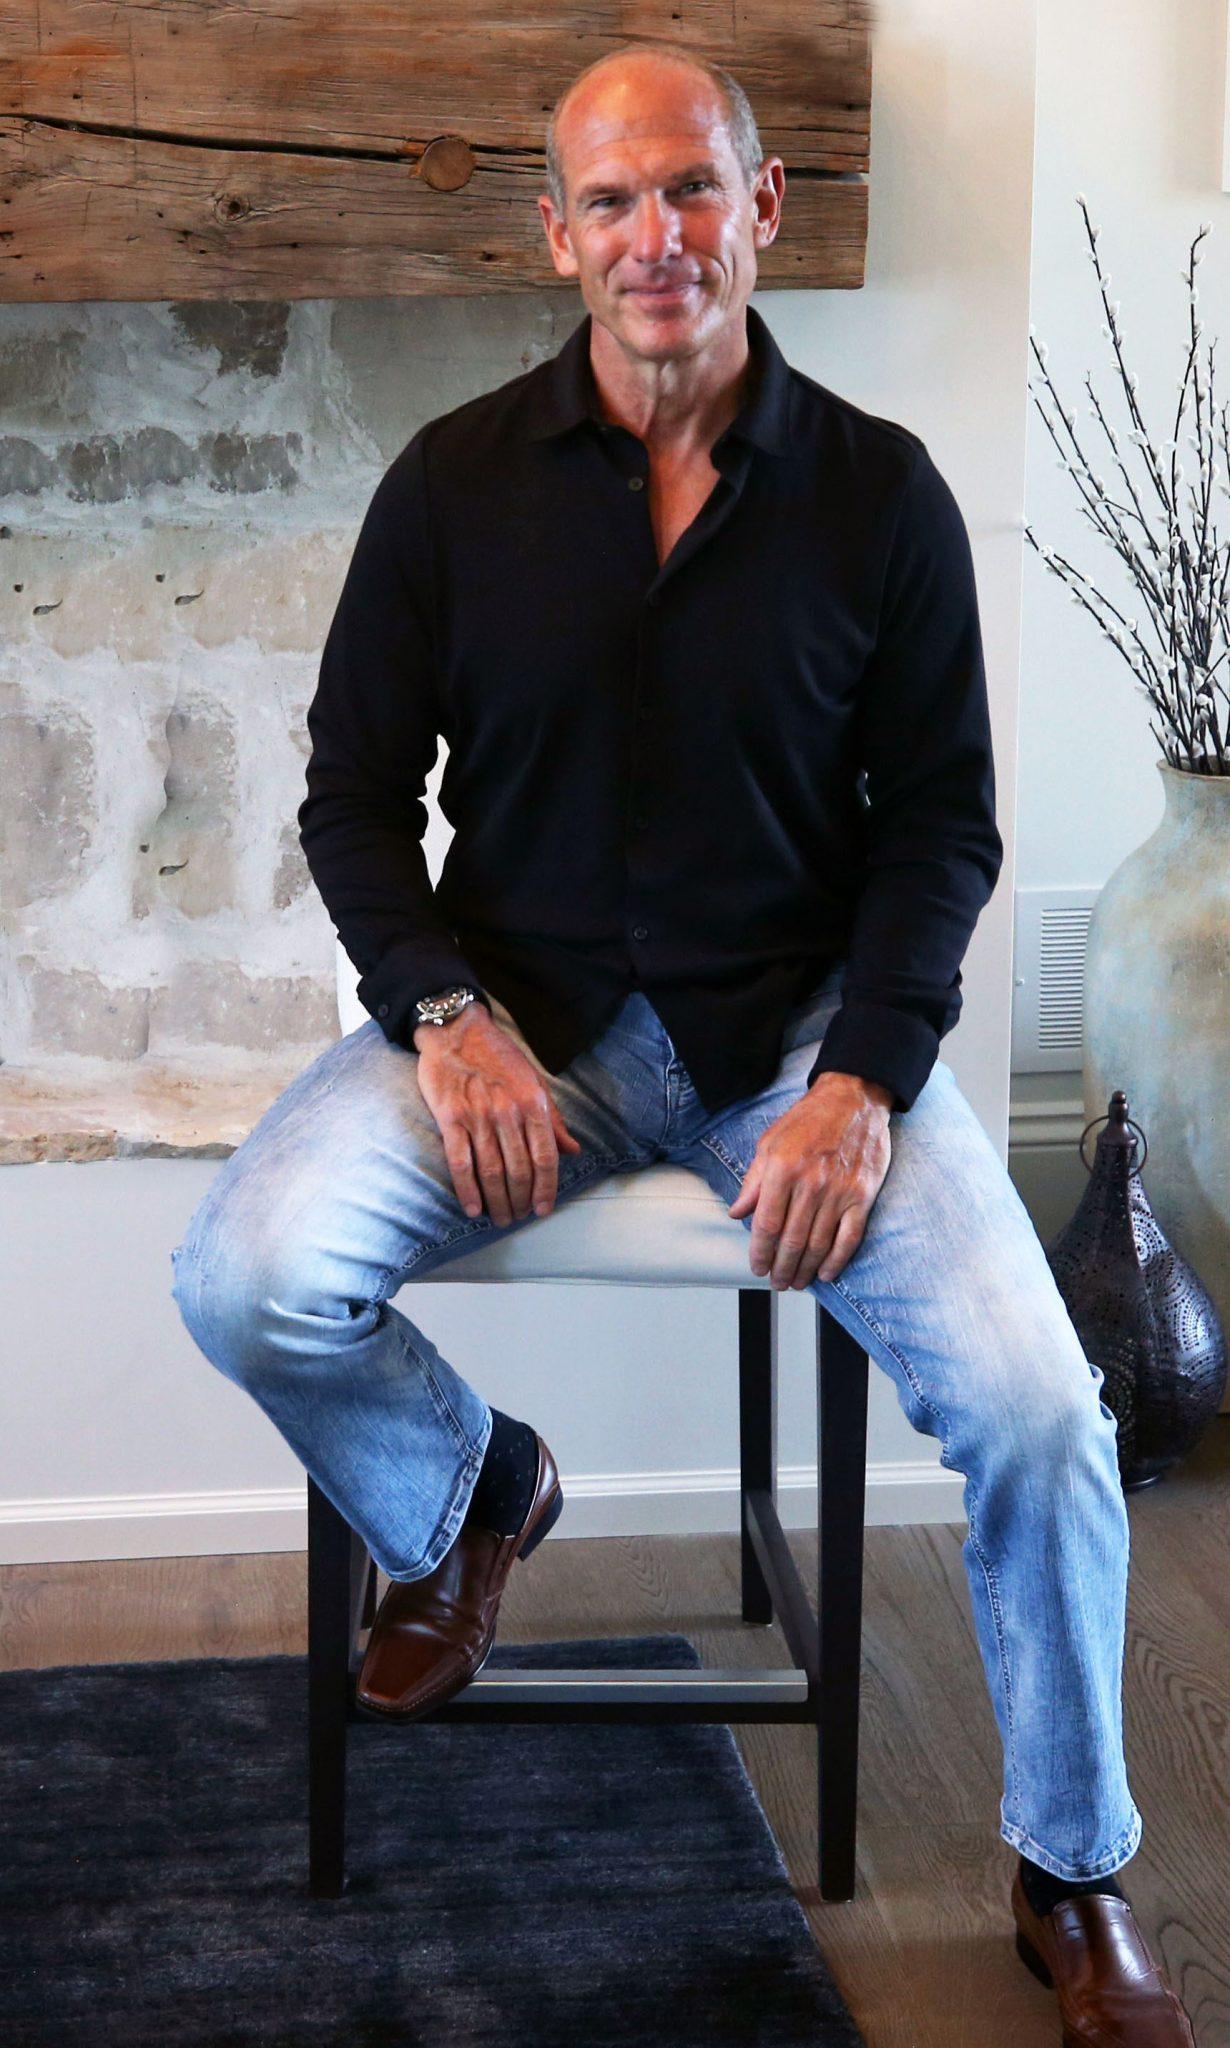 Michael Calzonetti